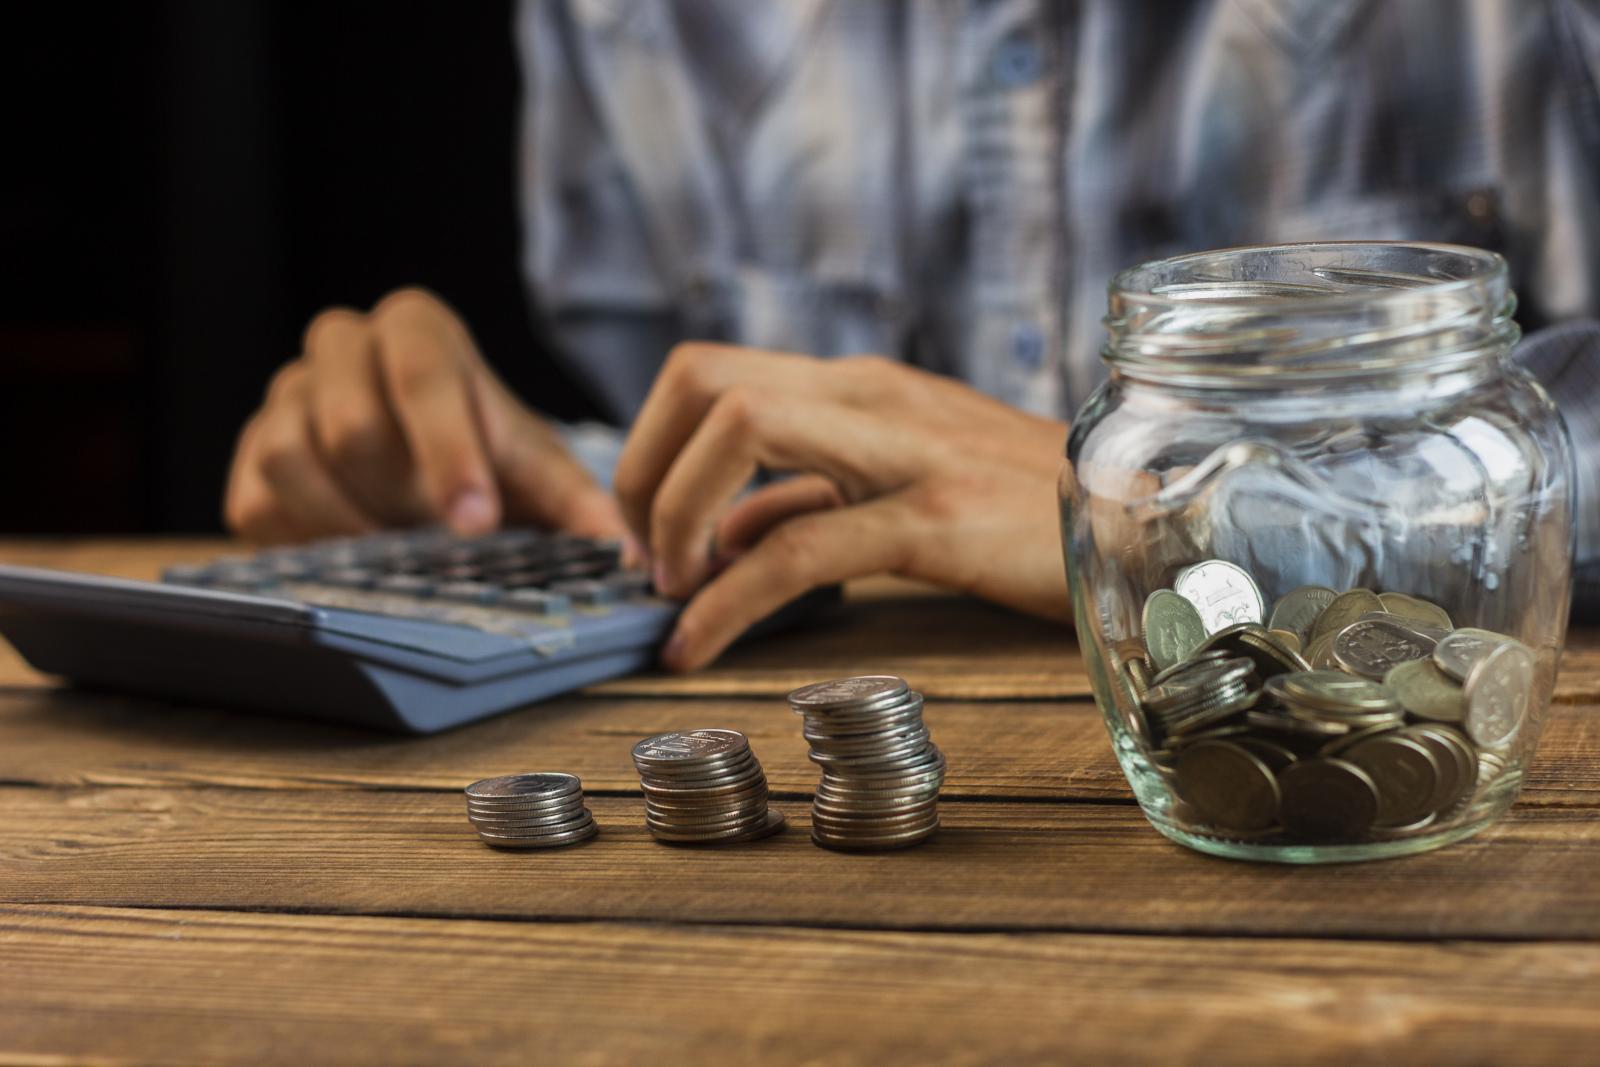 แนะ 5 วิธีดูแลใจตัวเองแม้เป็นหนี้ ไม่ให้เครียดเกินไป